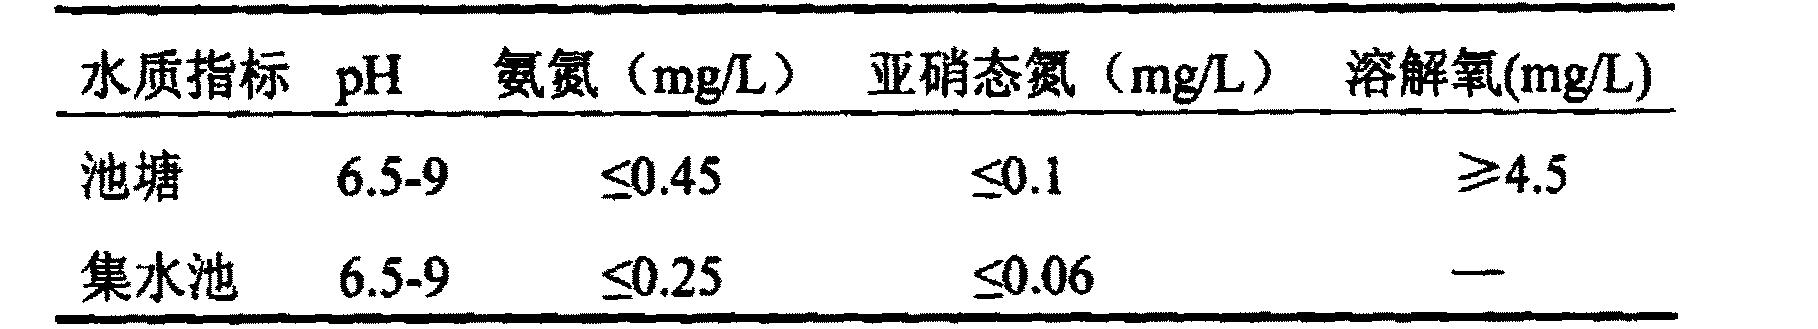 Figure CN104211259BD00071